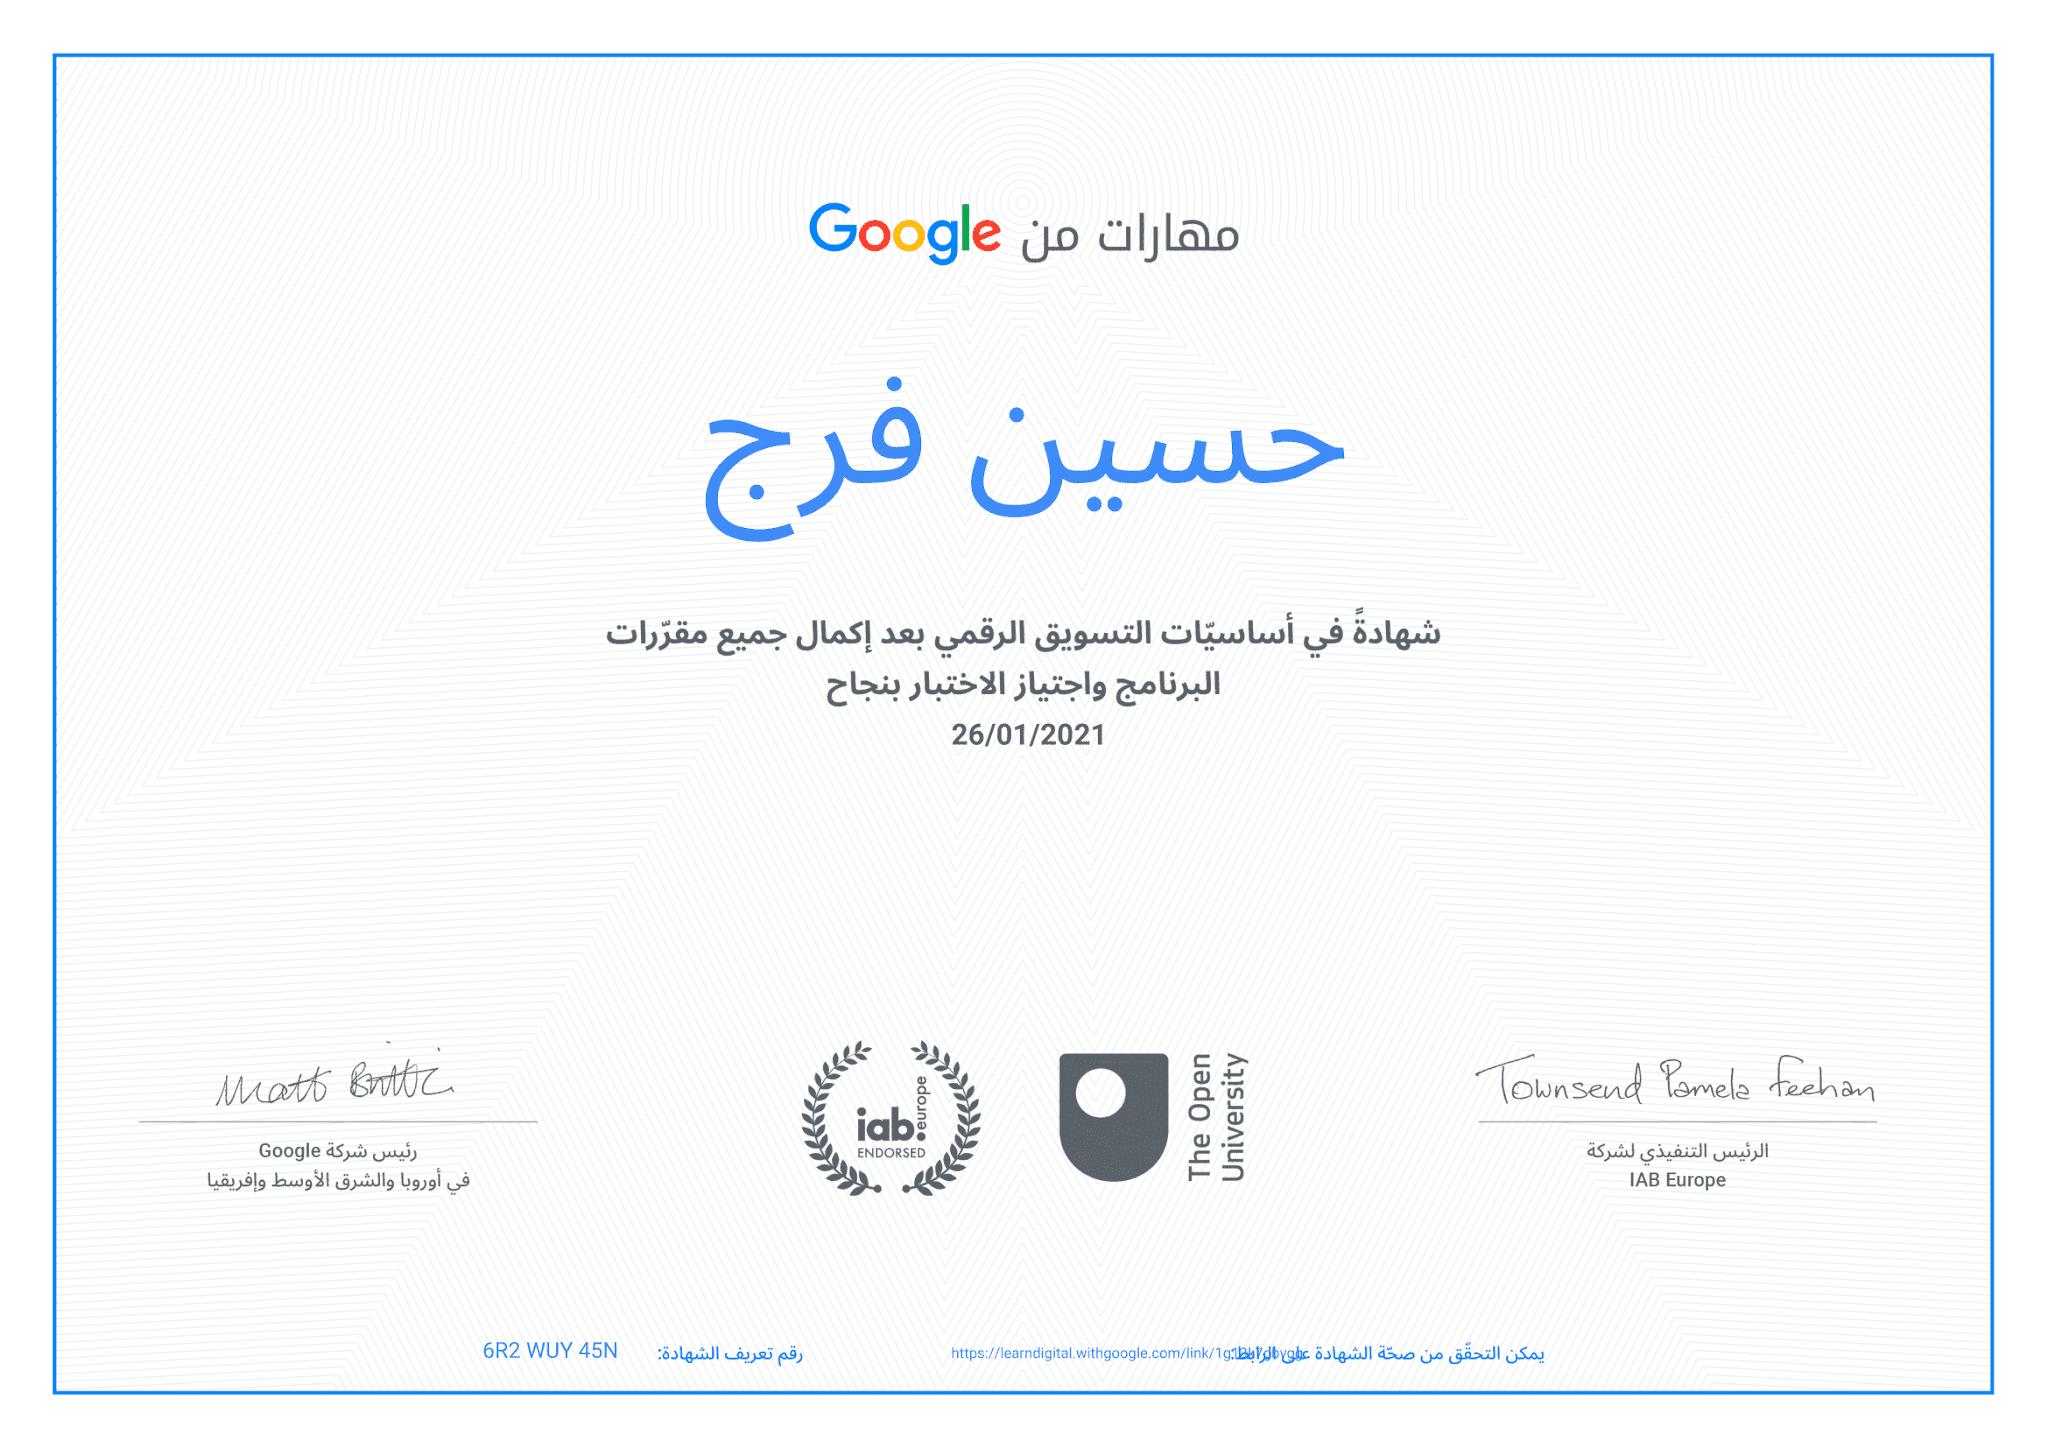 شهادة التسيوق الرقمي من جوجل